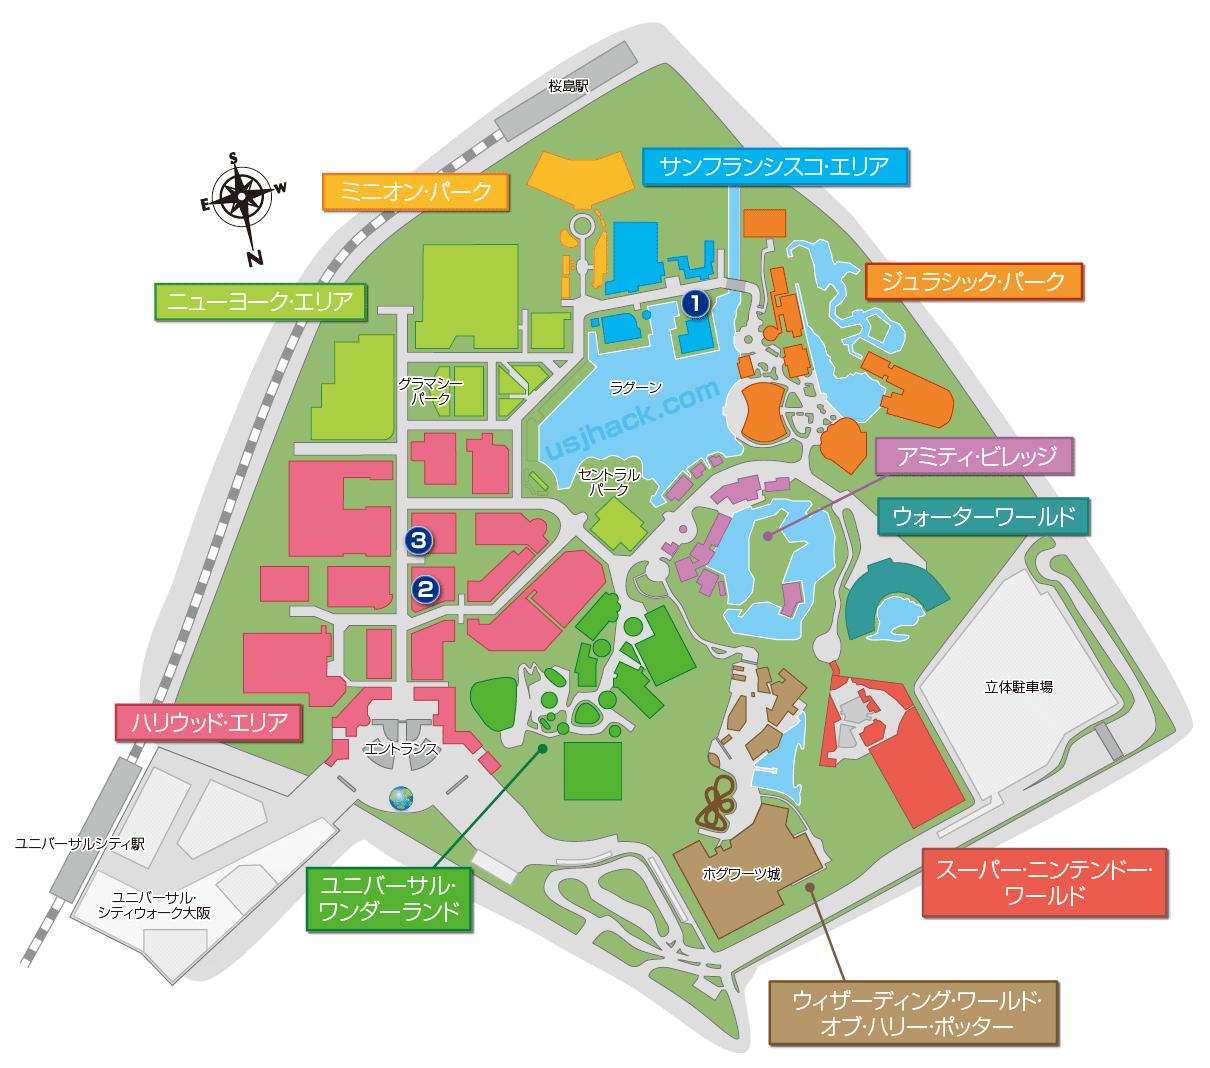 コナンフード販売場所のわかるマップ